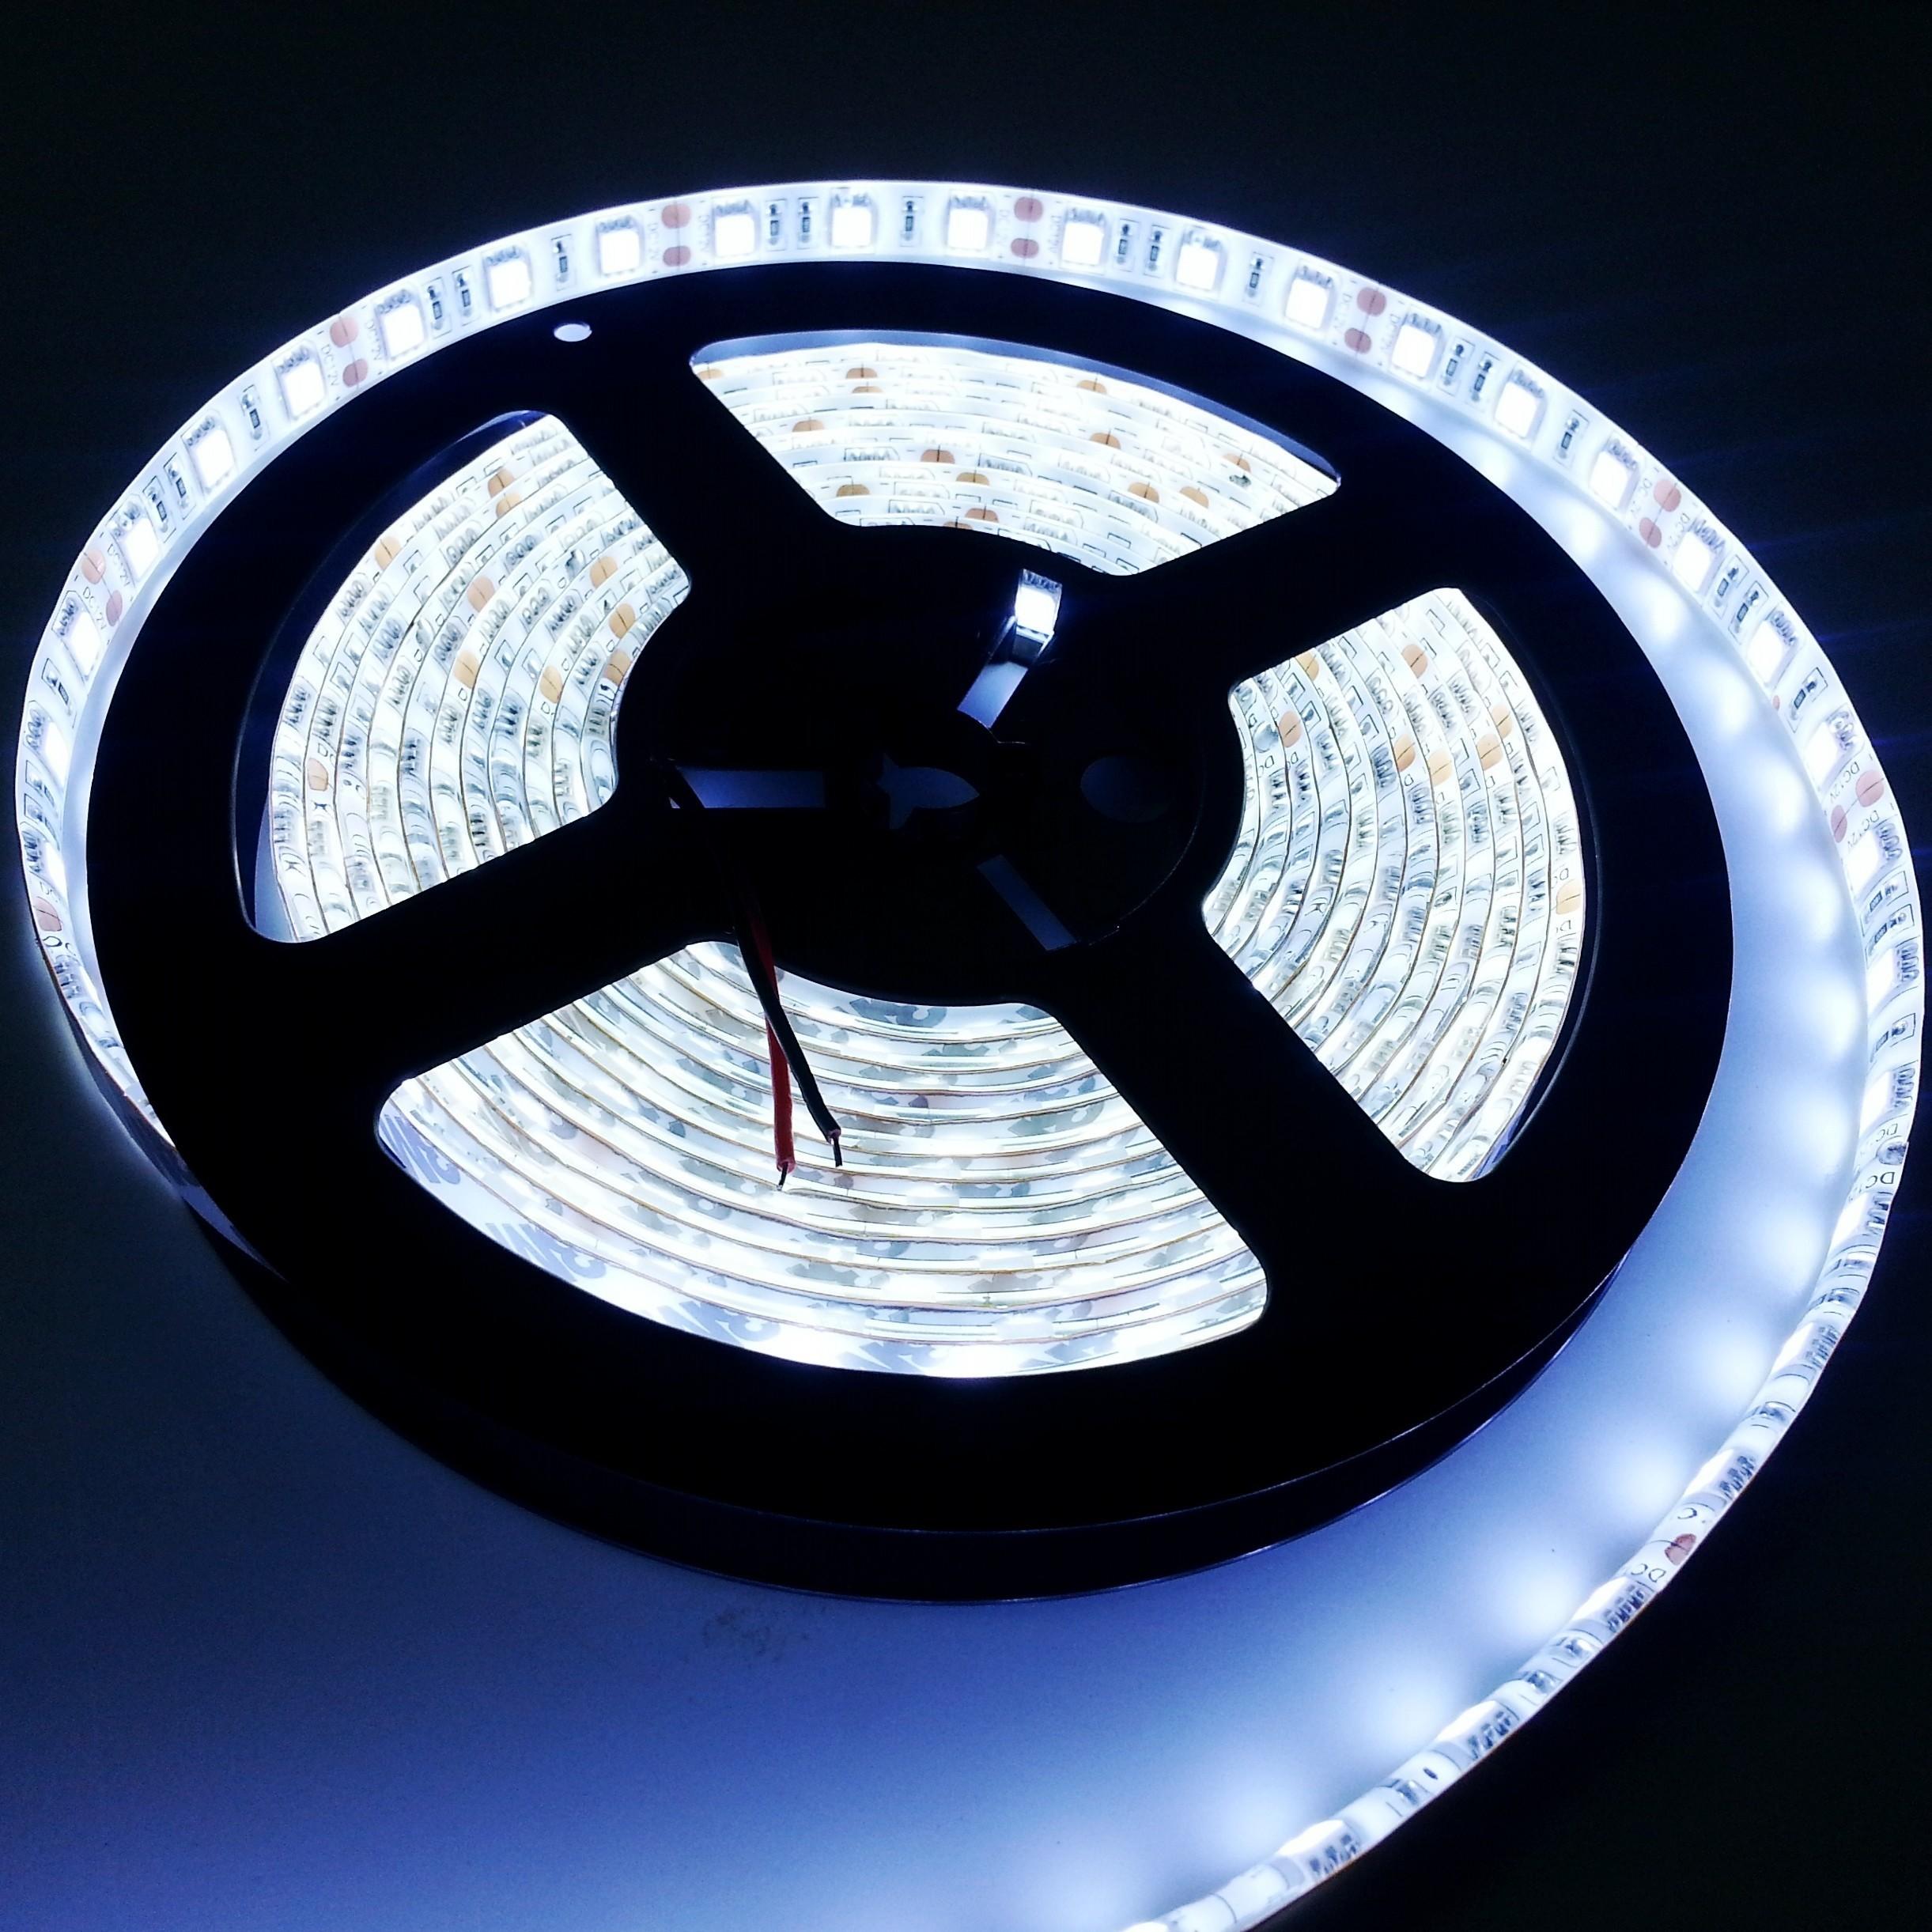 brightest 15w m smd 5050 flexible led strip light 5m 300leds. Black Bedroom Furniture Sets. Home Design Ideas